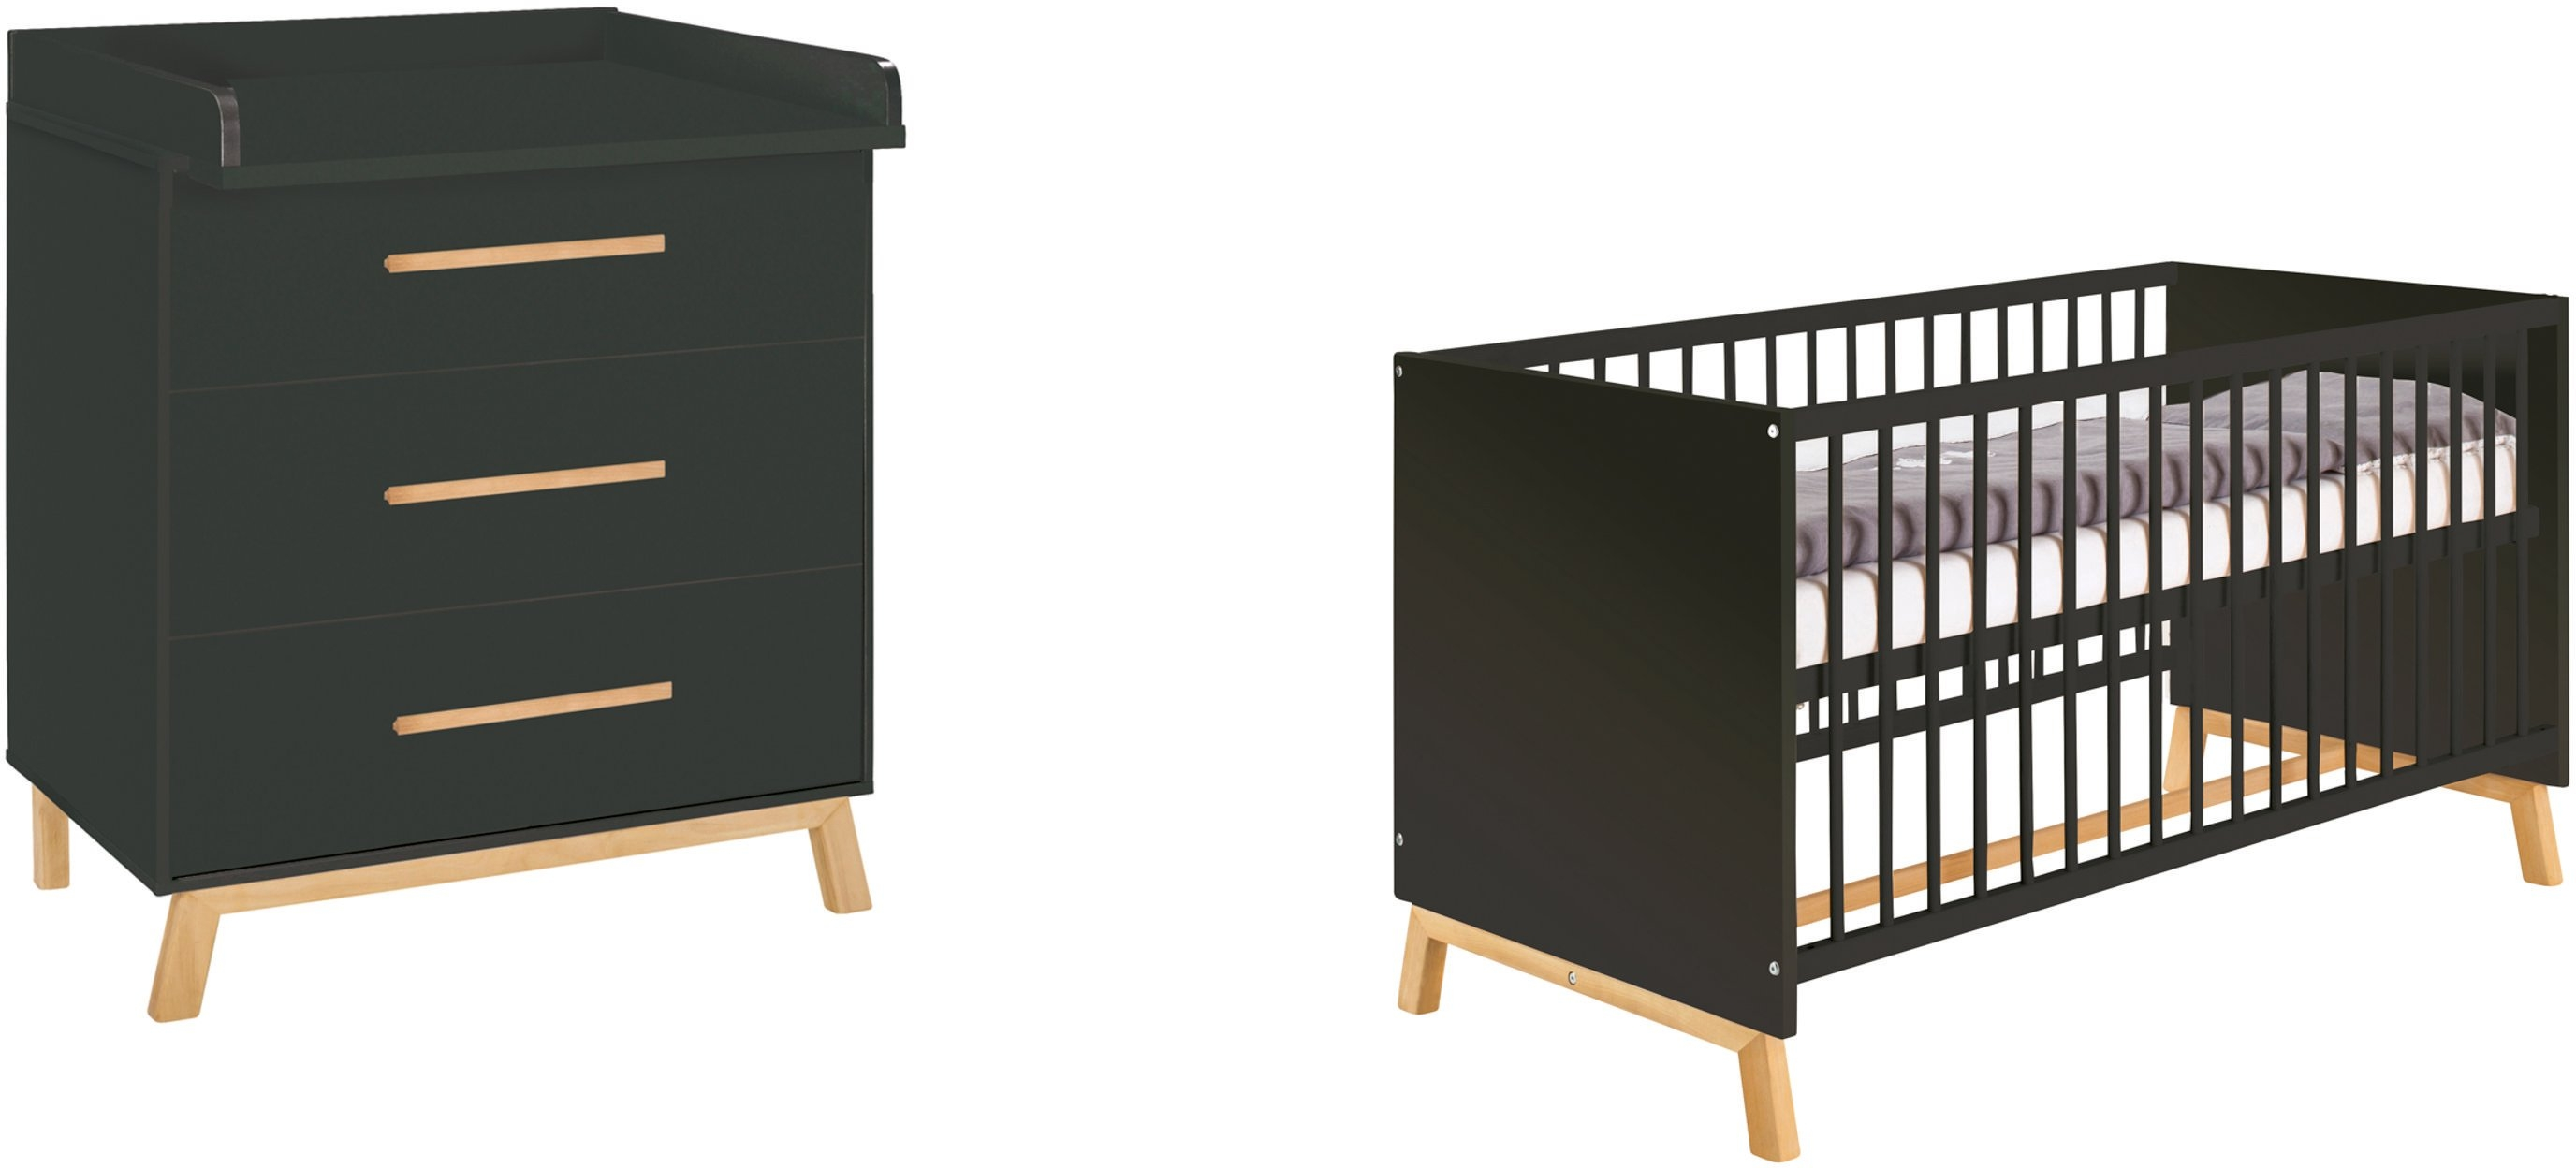 Op zoek naar een Schardt babymeubelset Sienna Black met kinderbed en commode; made in germany (voordeelset, 2 stuks)? Koop online bij OTTO